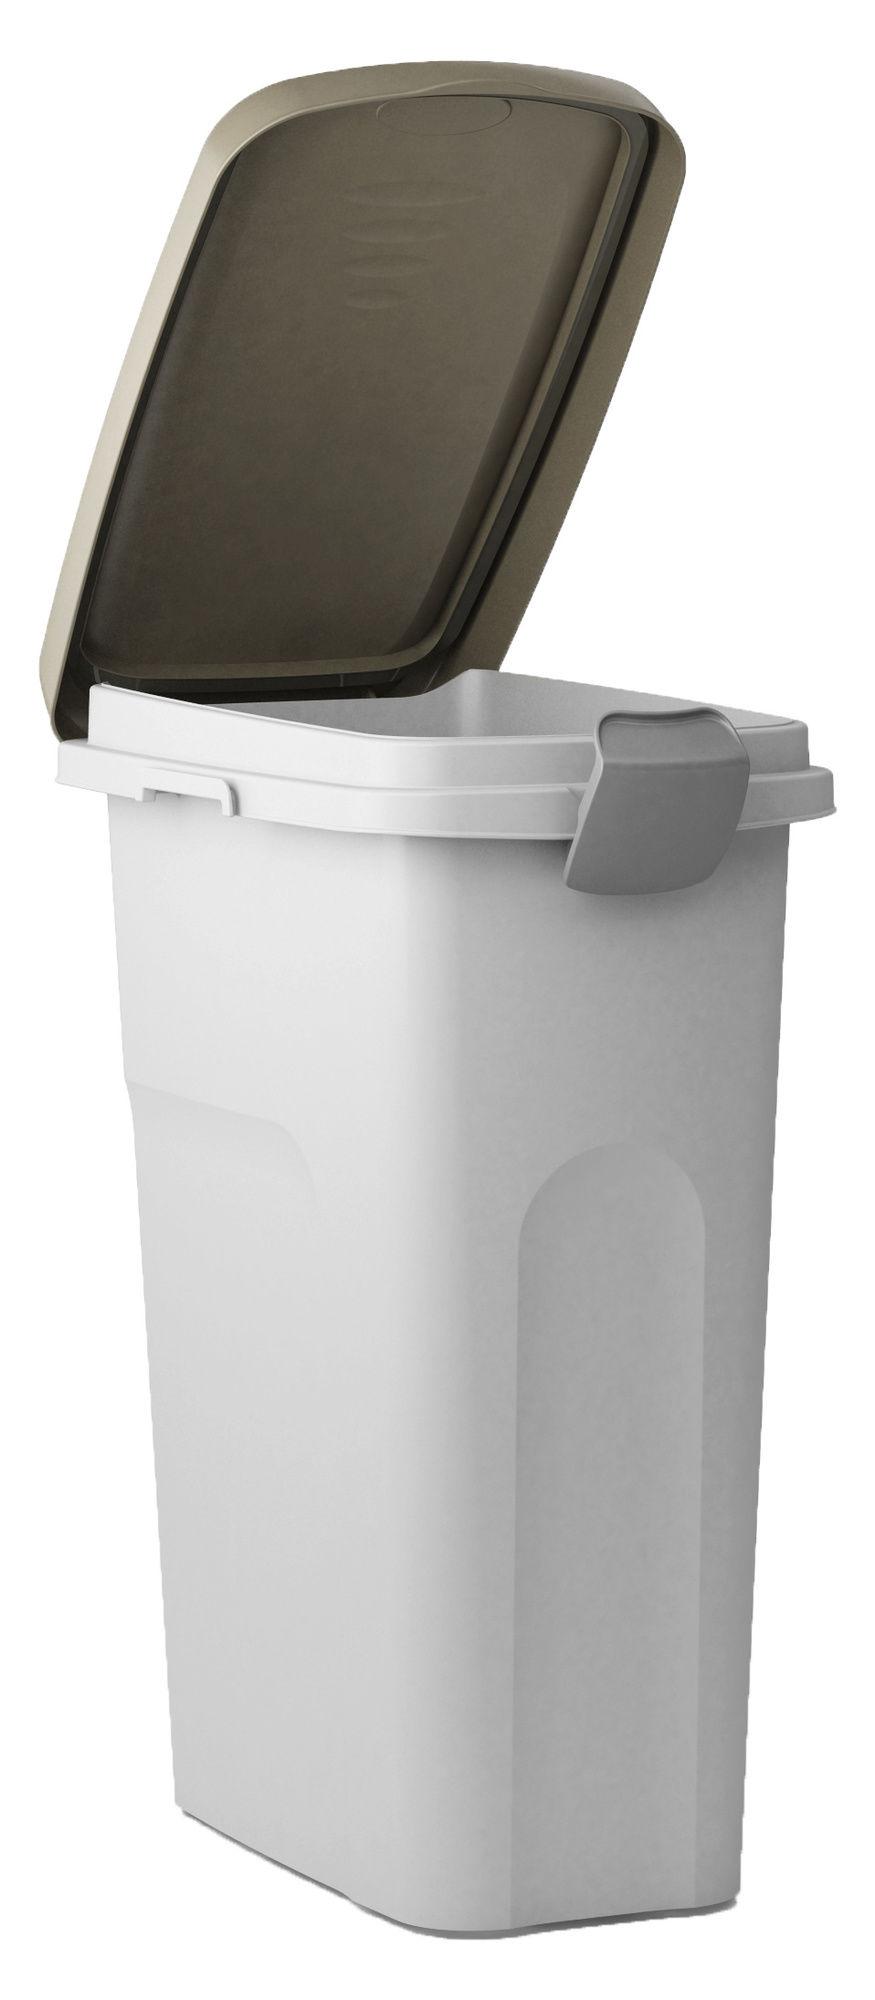 Petfood-Container 15 lt, braun/weiß